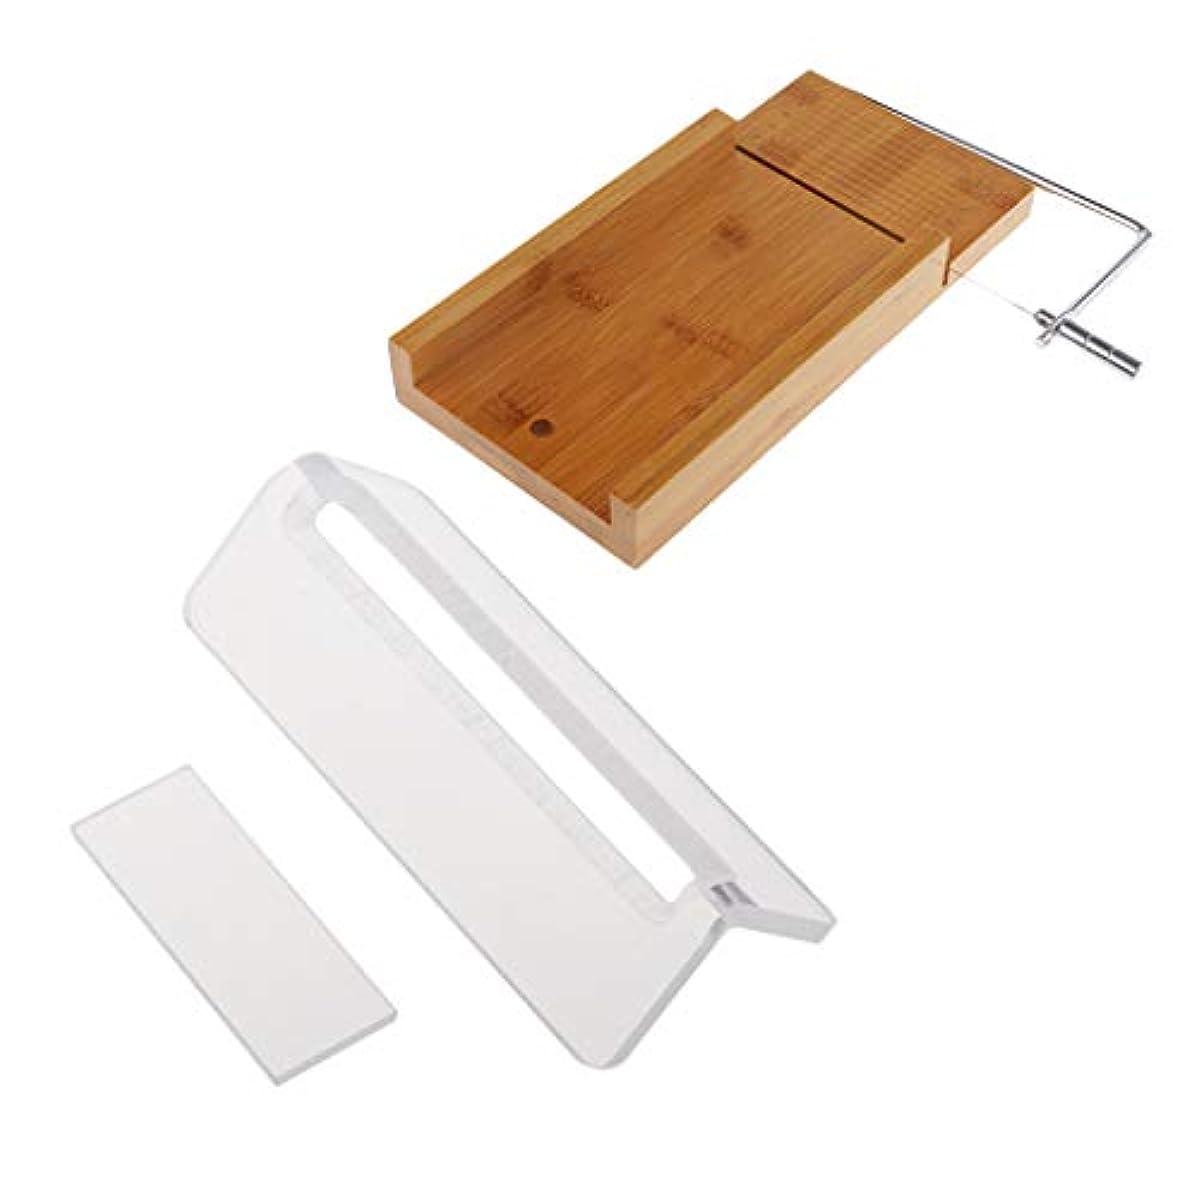 FLAMEER ローフカッター 木製 ソープ包丁 石鹸カッター 手作り石鹸 DIY キッチン用品 2個入り